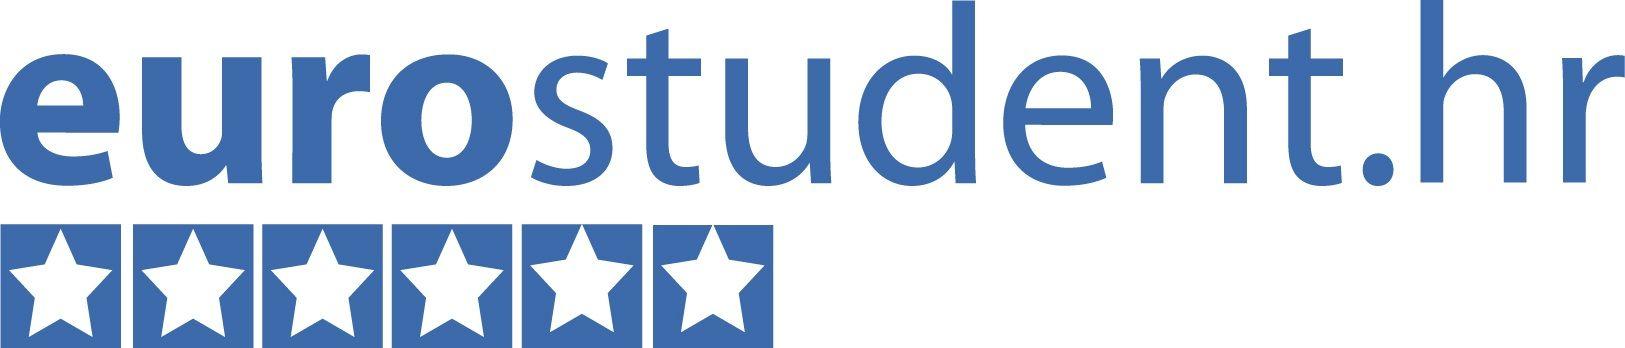 eurostudent6.hr_logo